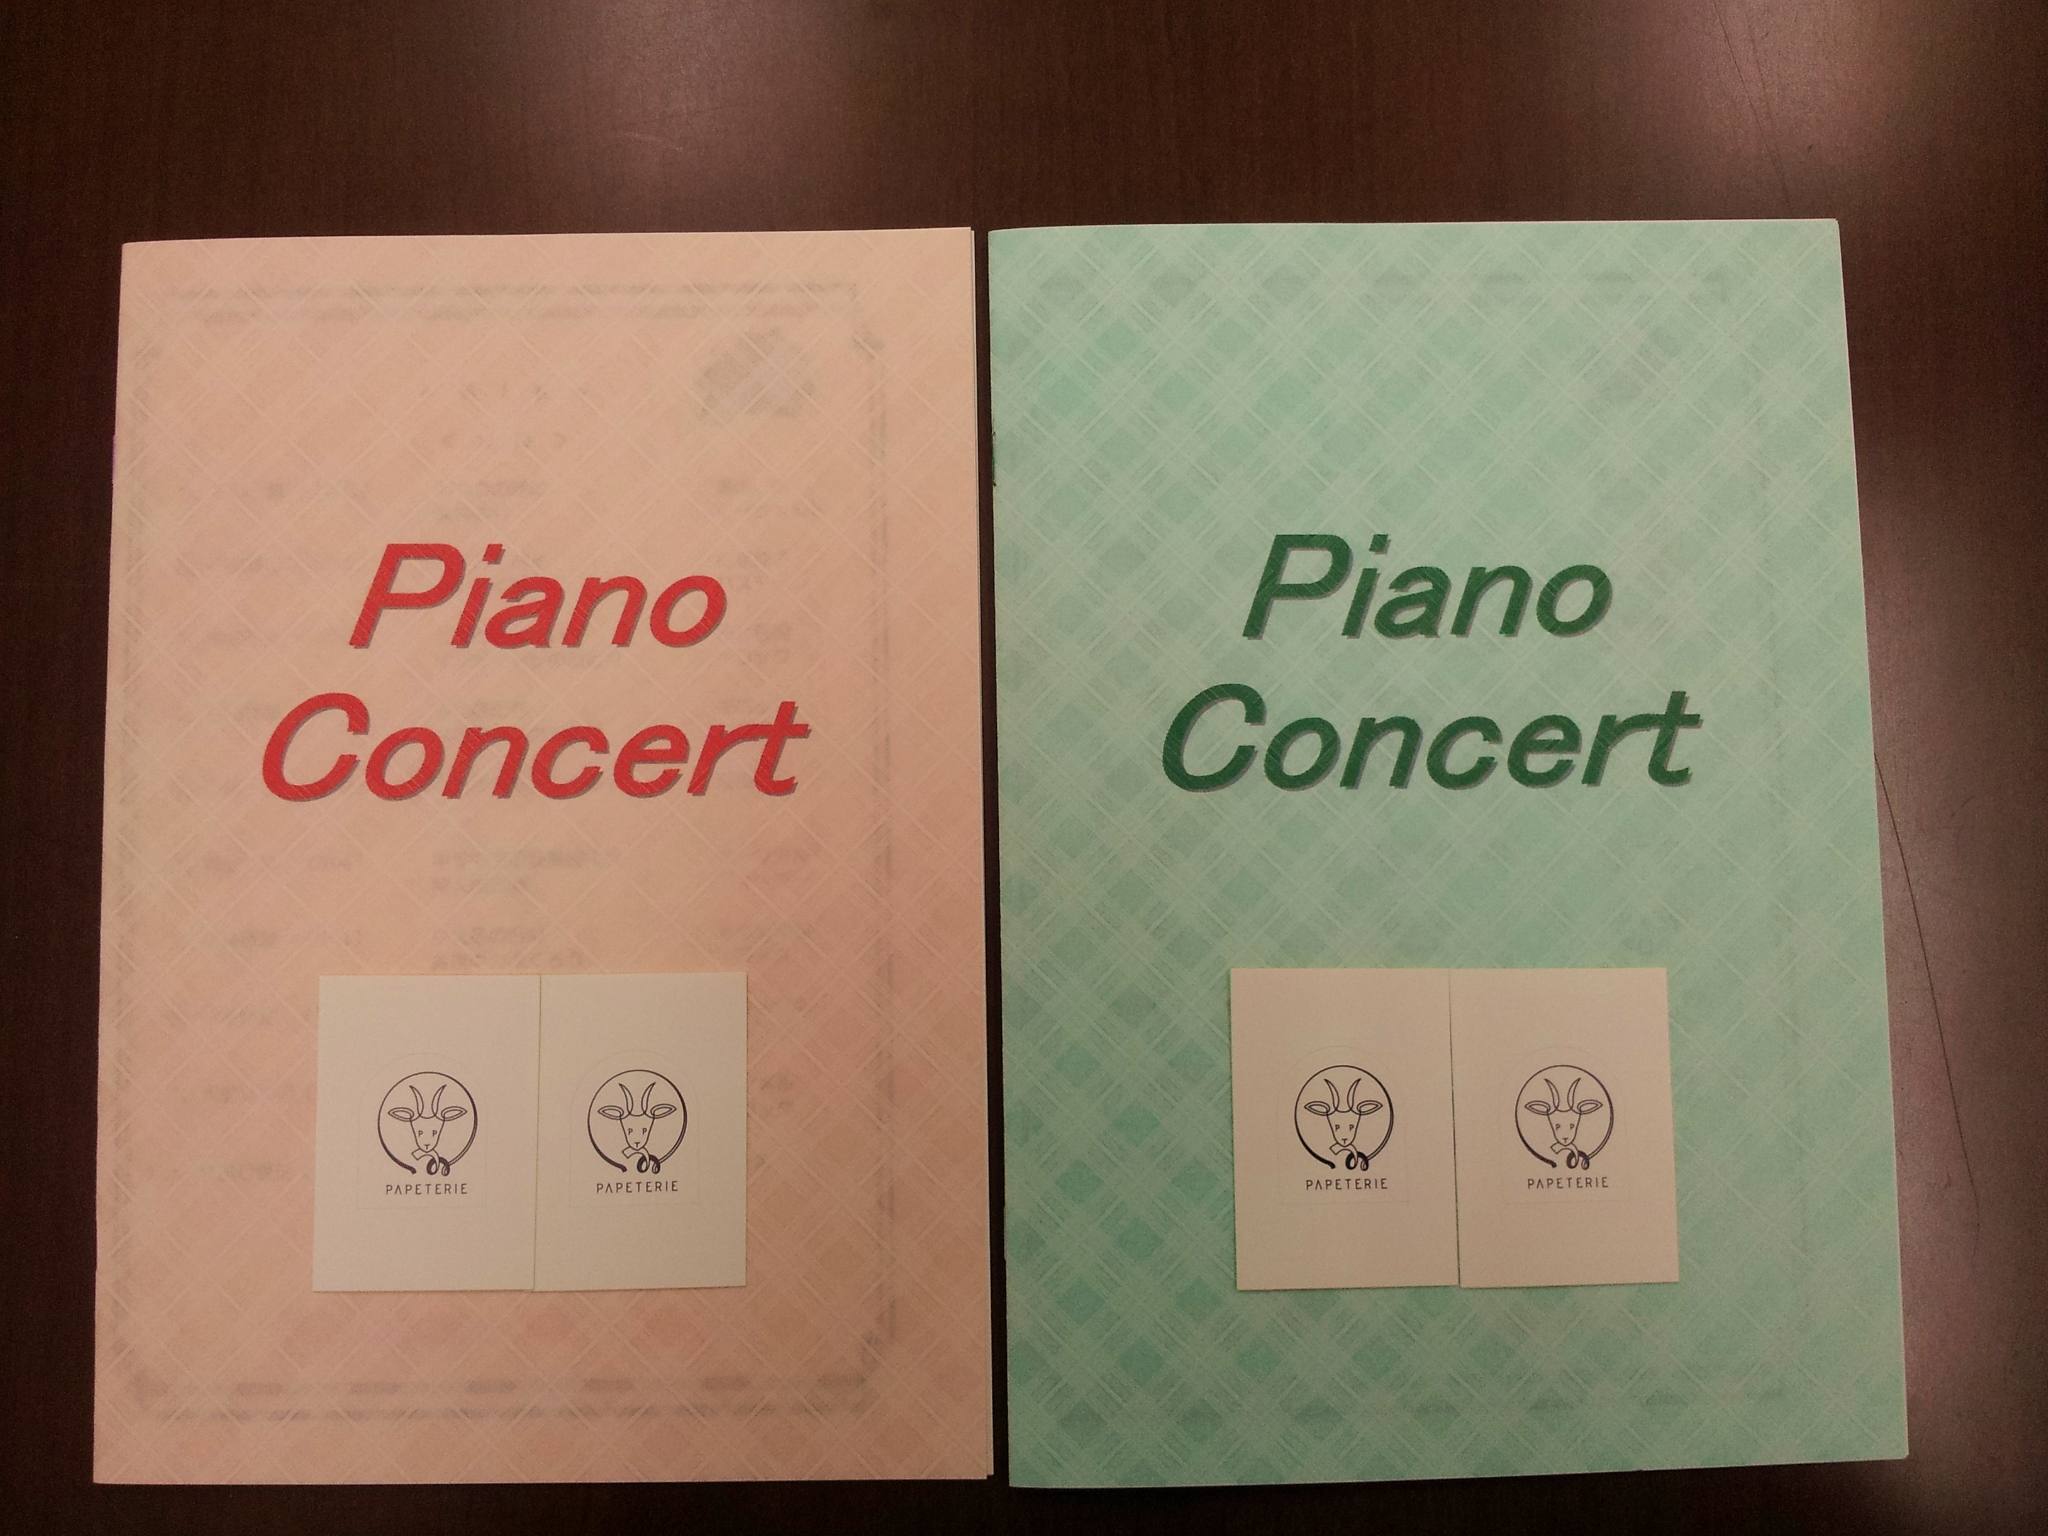 ピアノプログラム